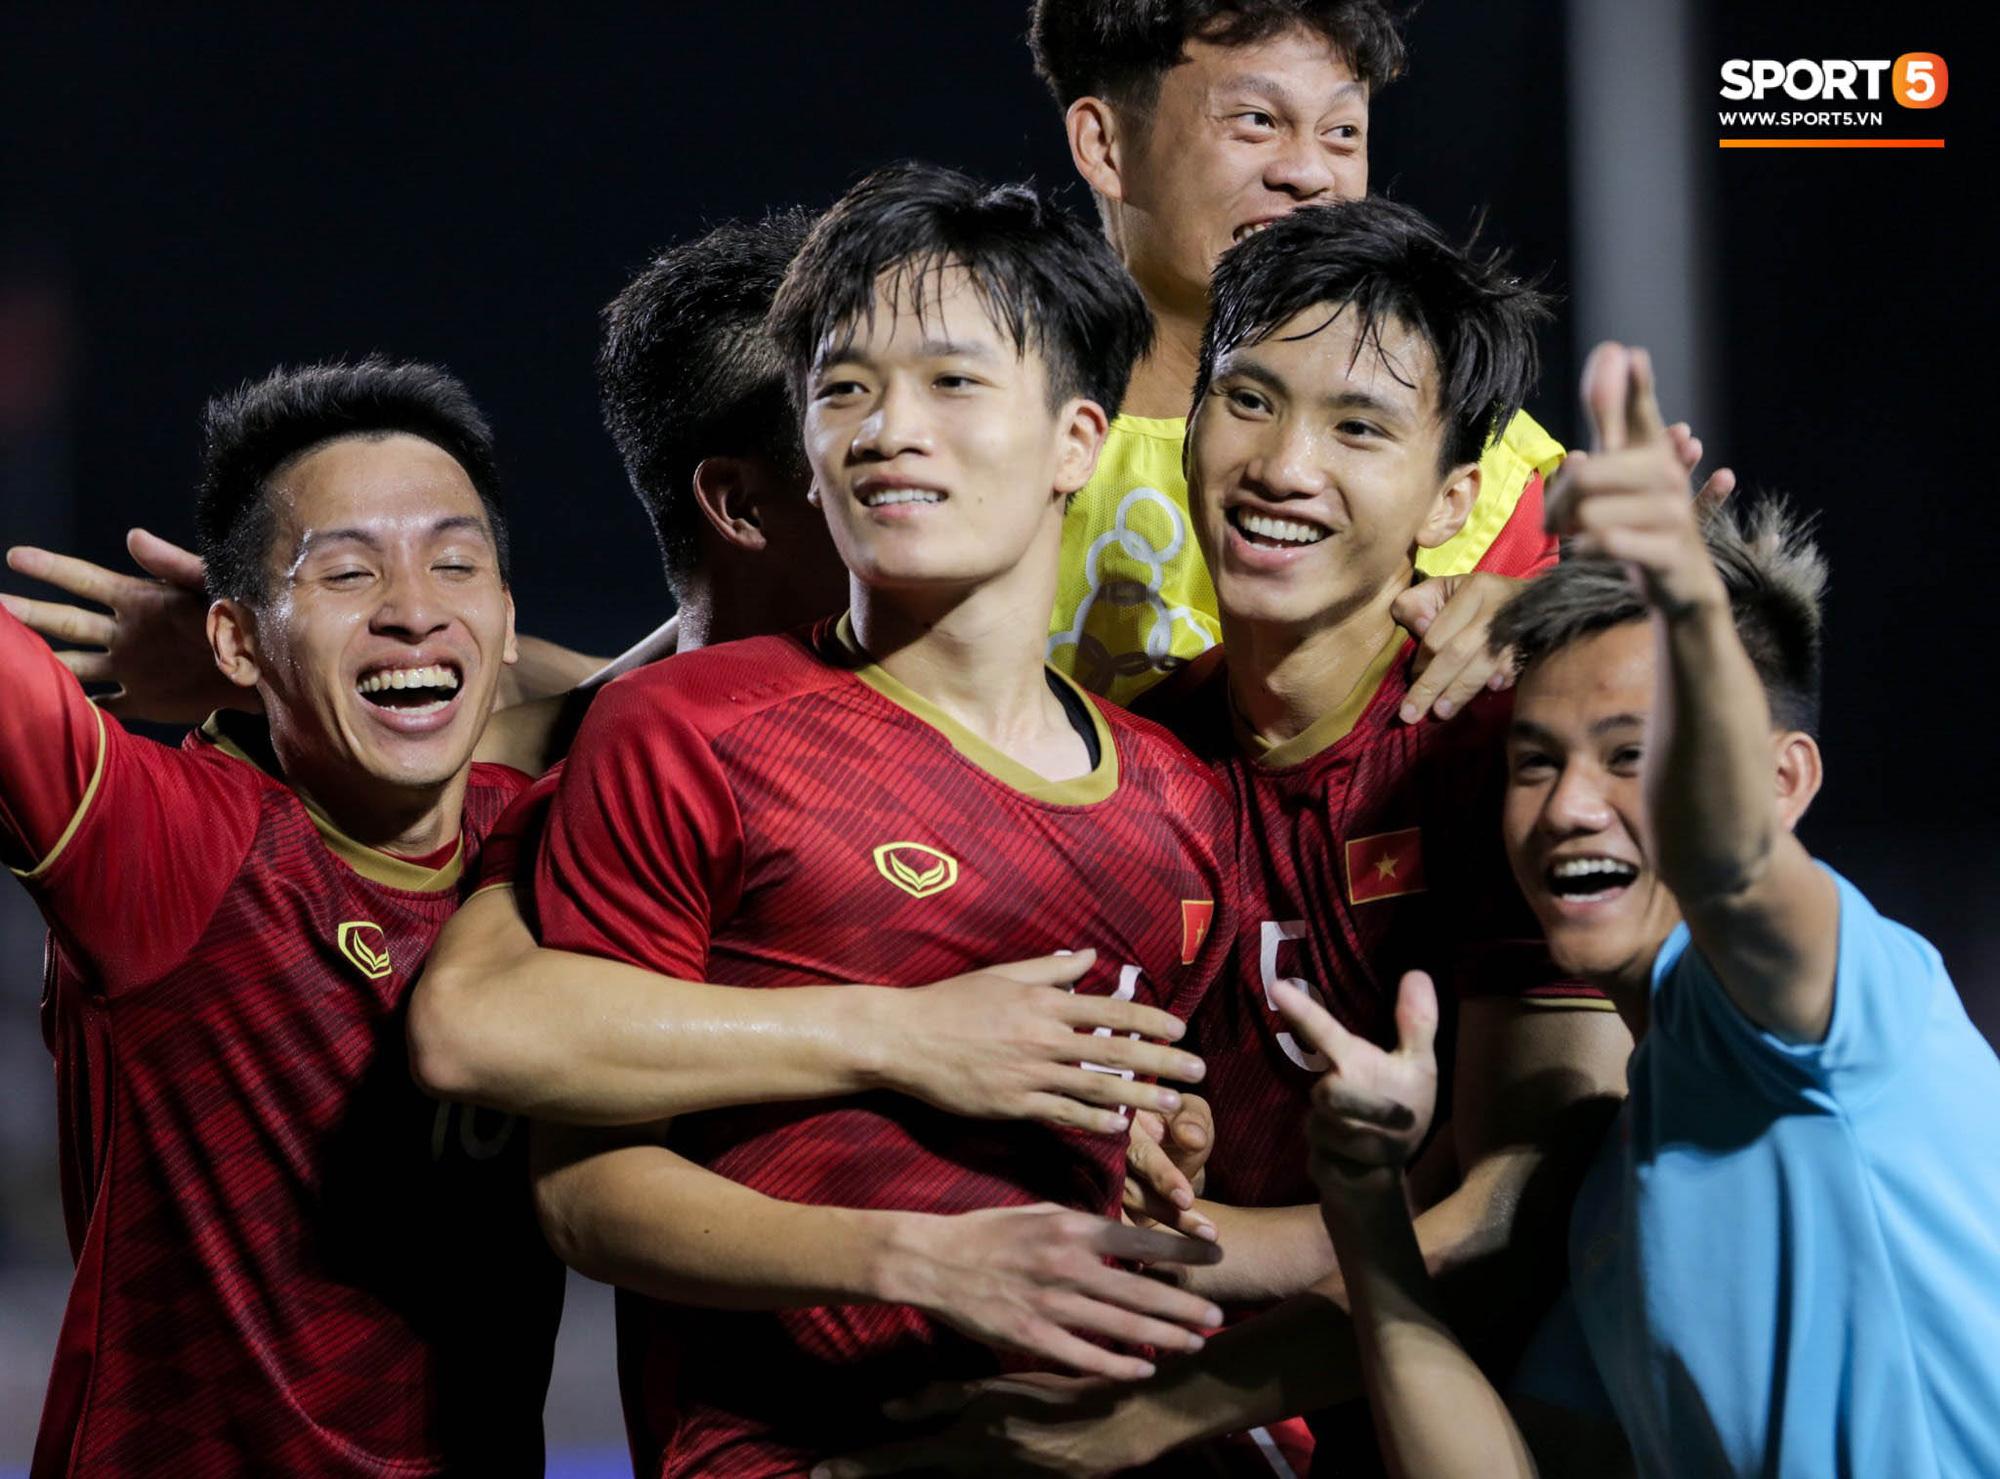 Hình ảnh vừa buồn cười, vừa thương khi bác sĩ của U22 Việt Nam hối hả tiếp nước cho cầu thủ ở trận thắng Indonesia - Ảnh 10.